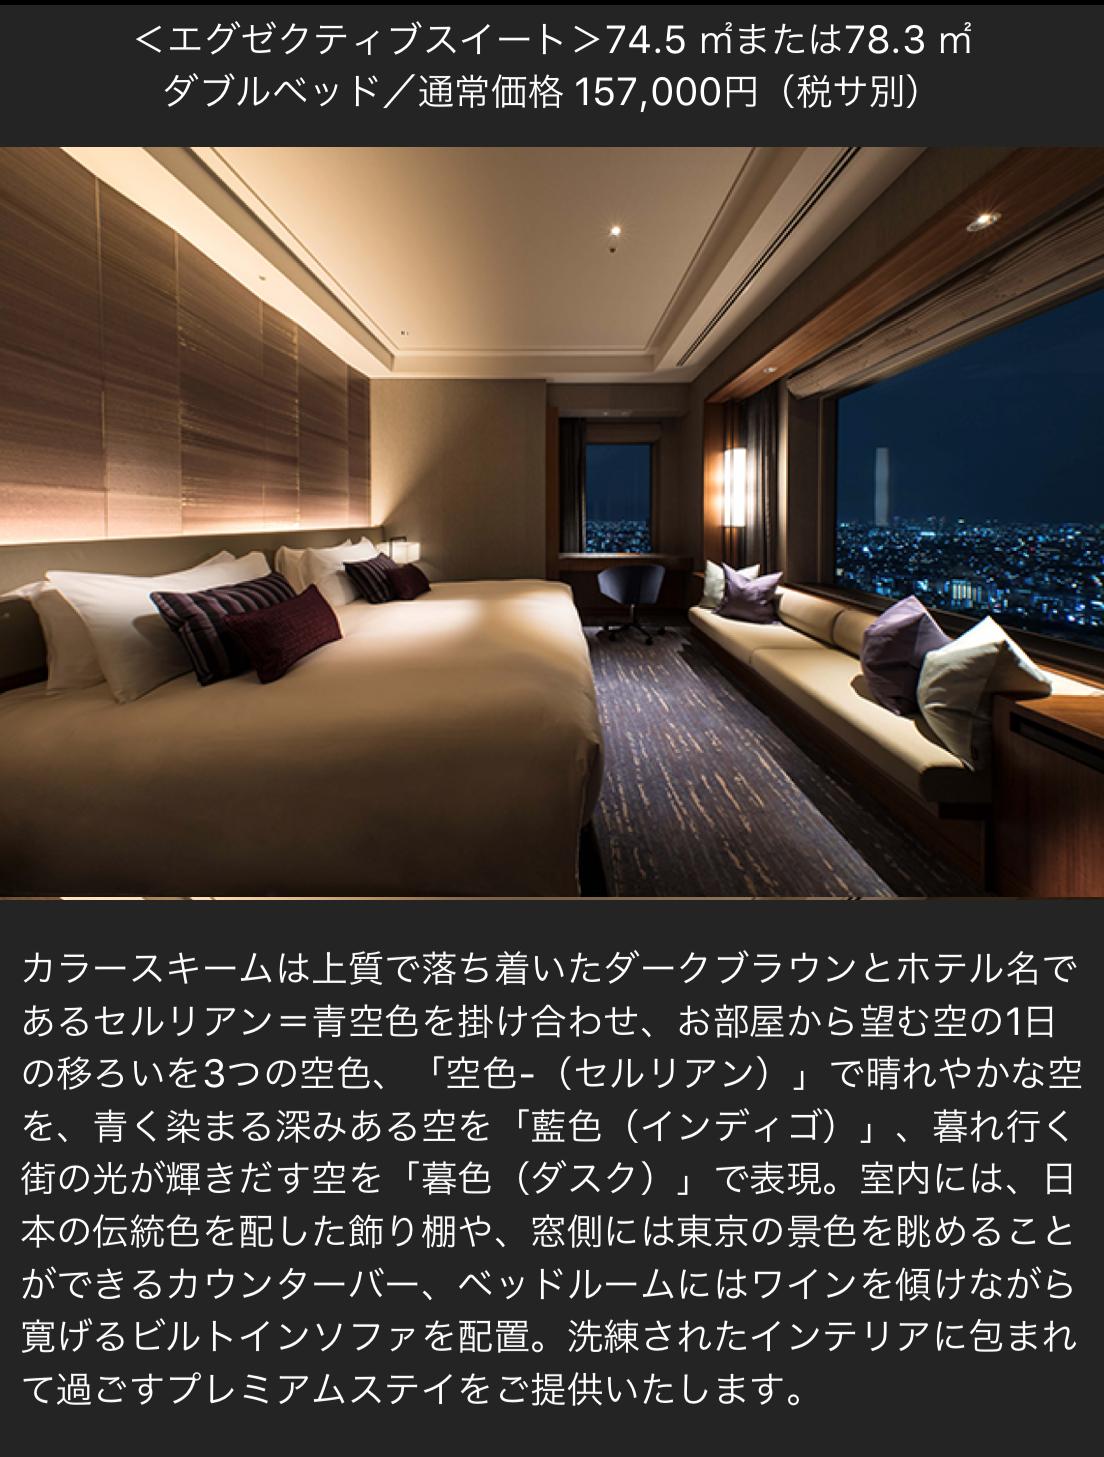 ラグジュアリーカードのセルリアンタワー東急ホテル宿泊プラン (6)